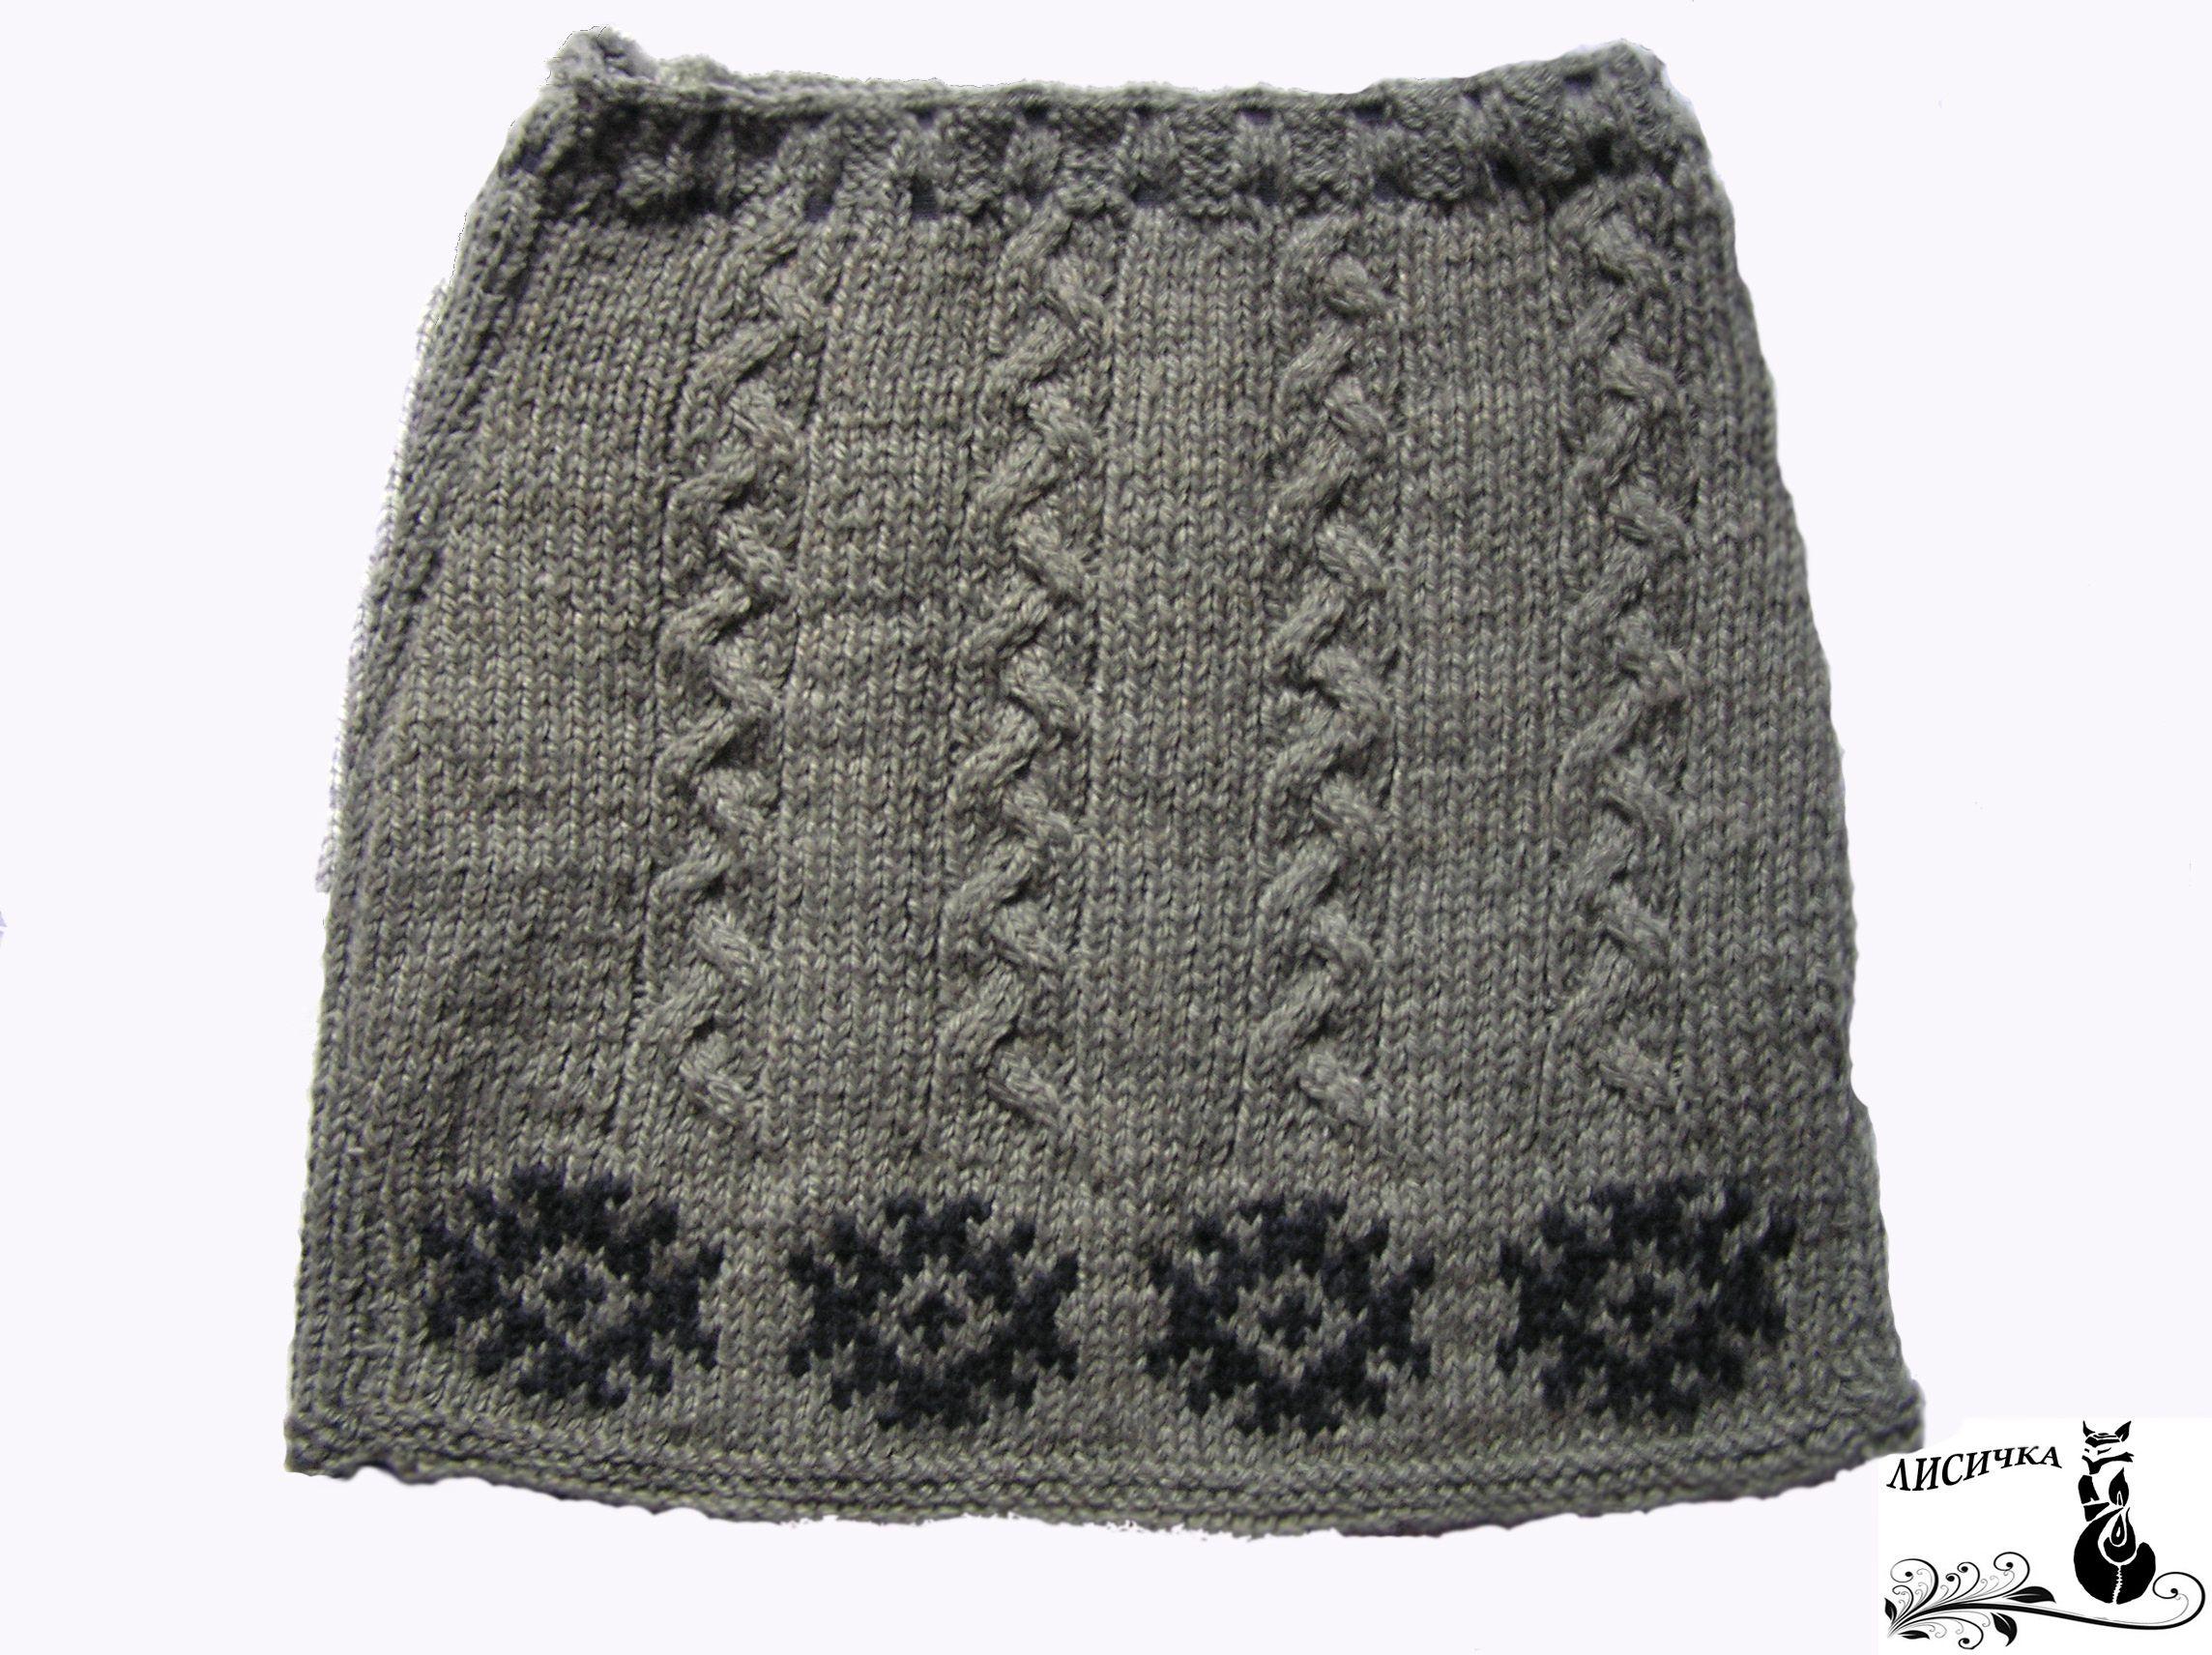 вязанаяюбка вязанаяодежда одежда юбка женскаяодежда